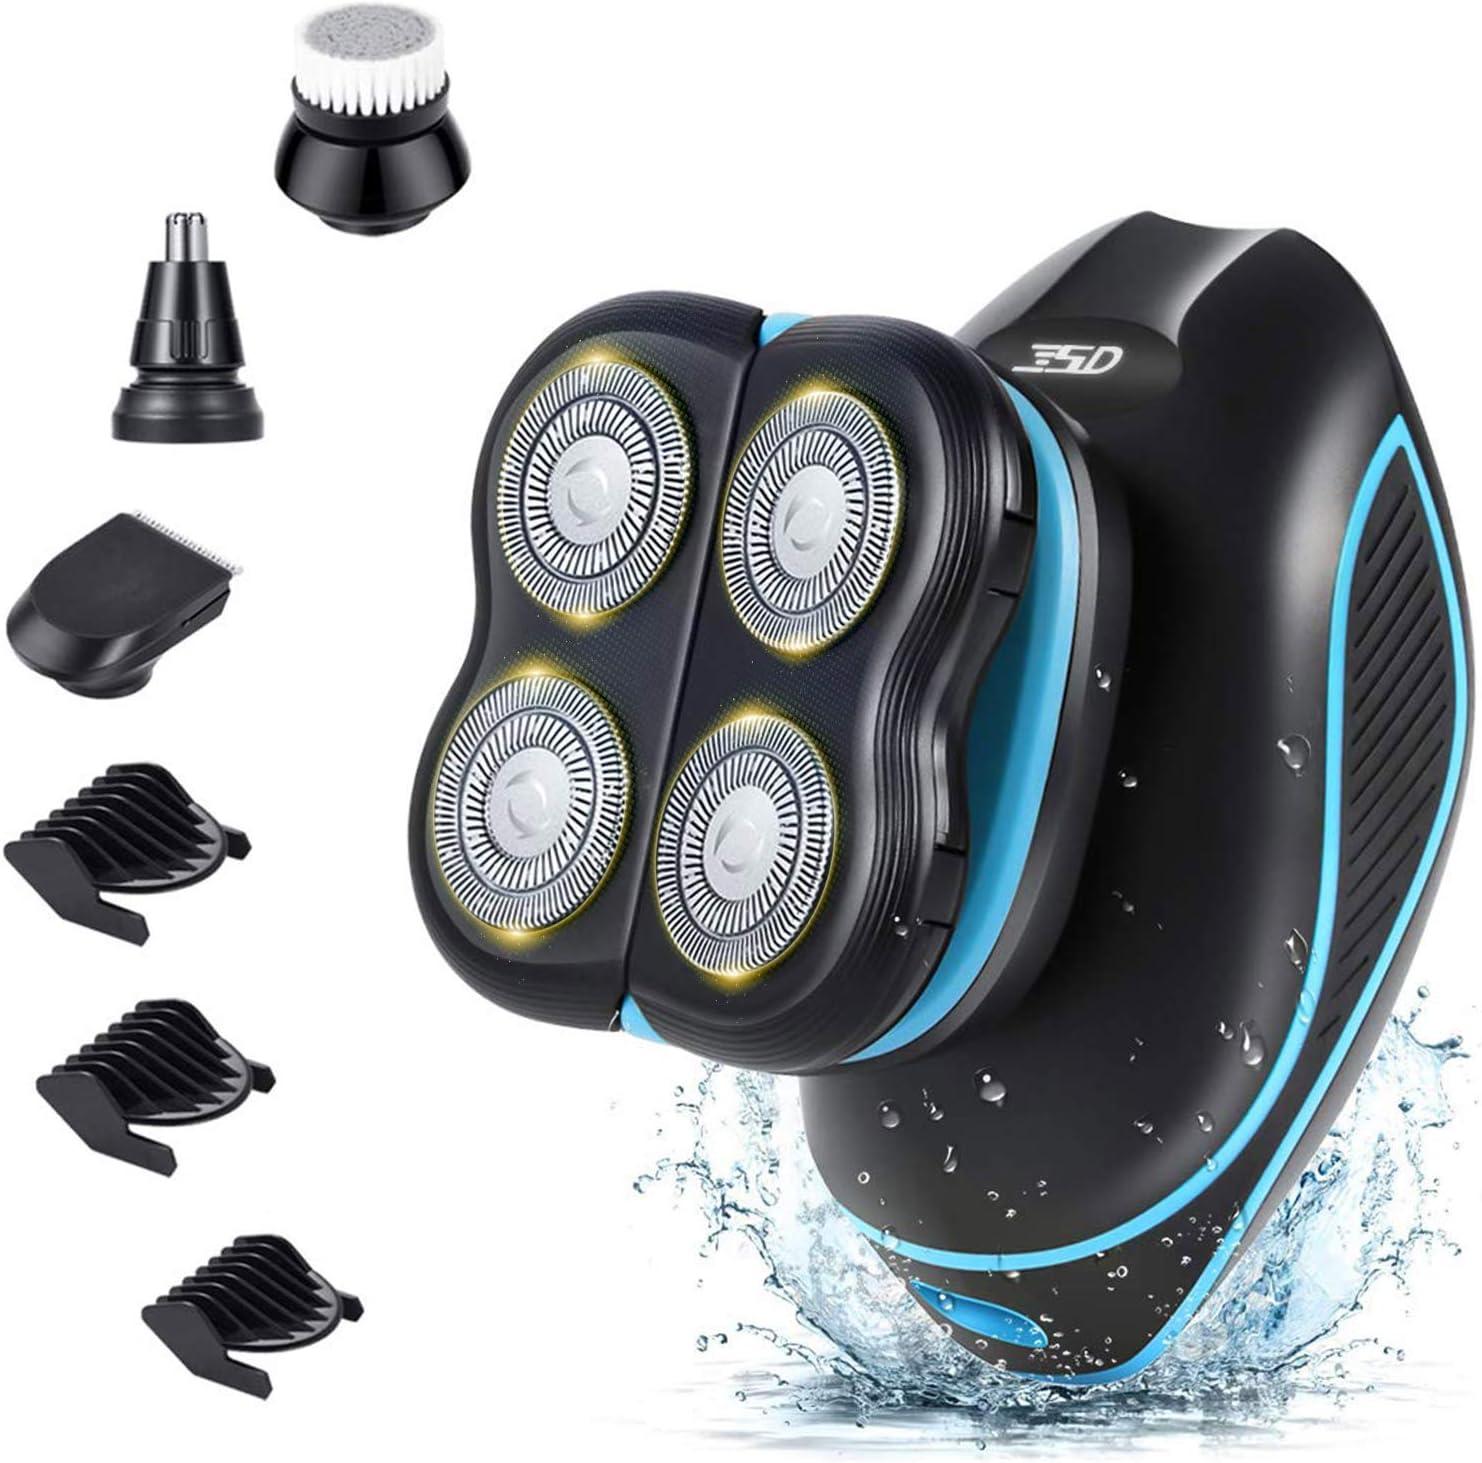 Amerfist Electric Razor for Credence Men Kit- Spring new work Waterproof 5-in-1 Grooming